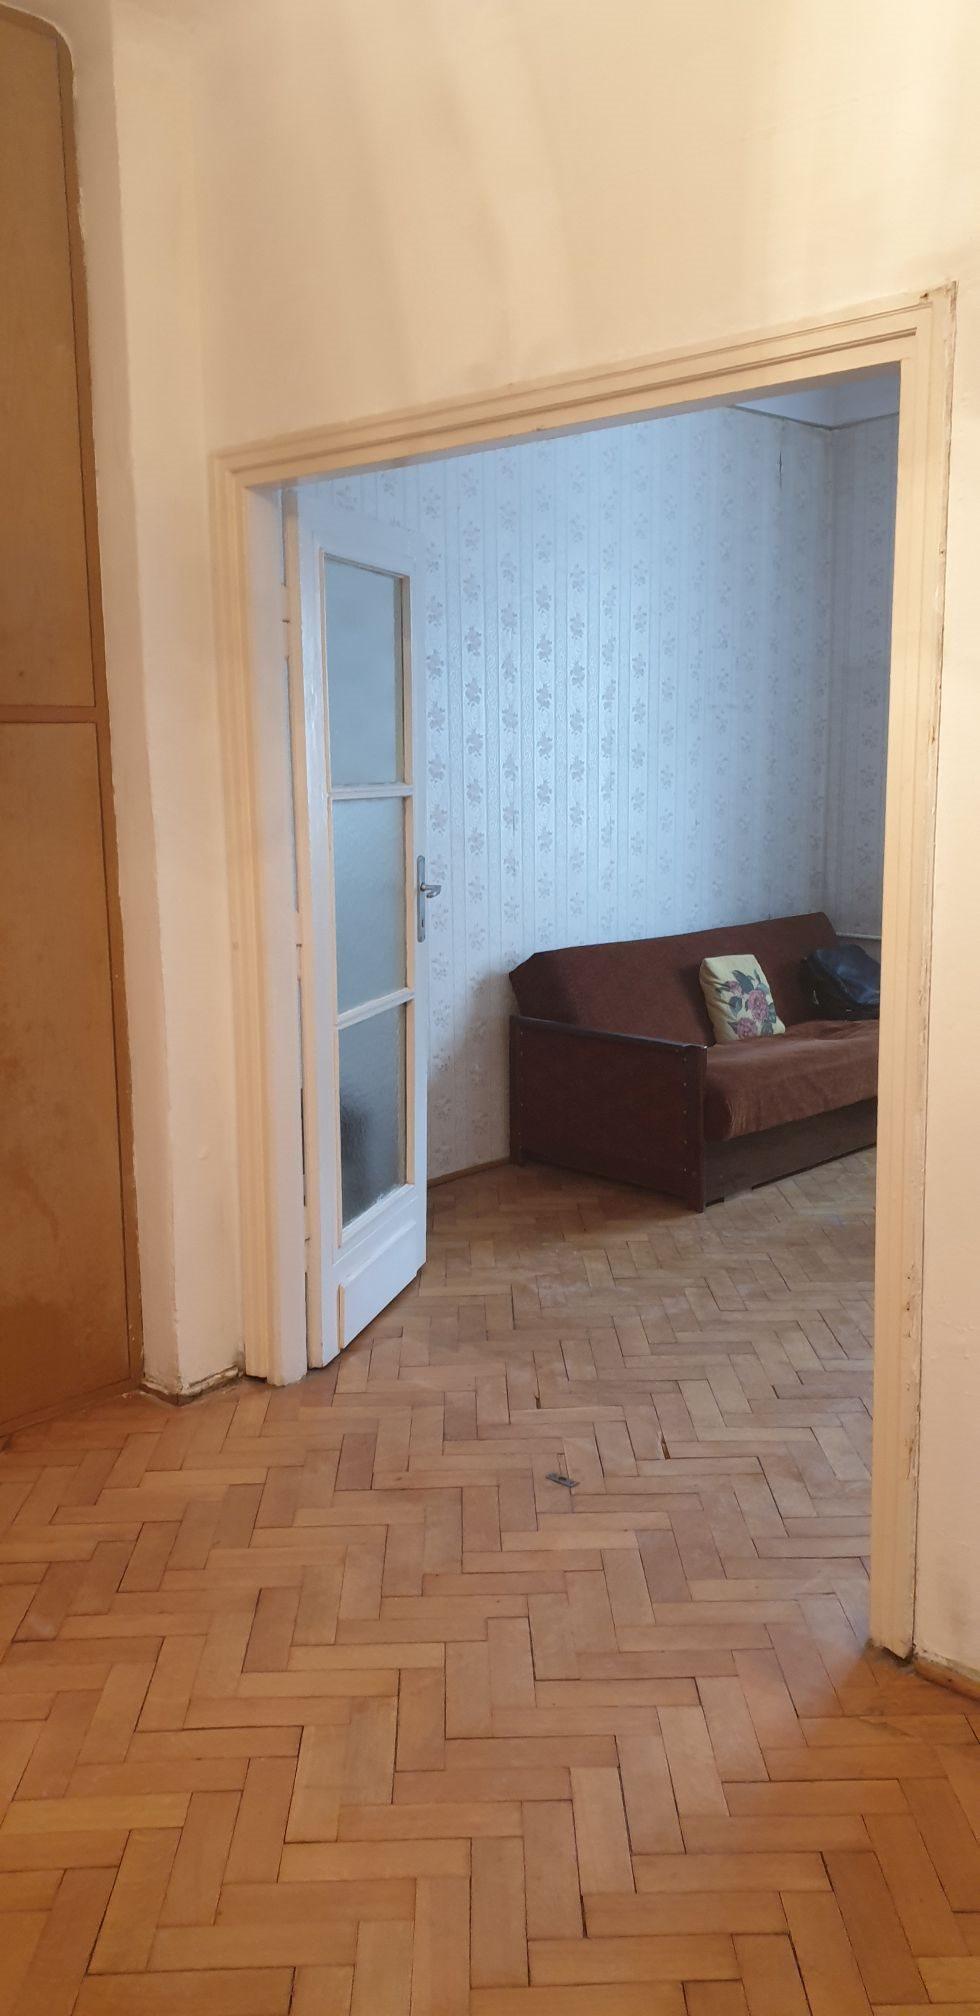 Mieszkanie trzypokojowe na sprzedaż Warszawa, Śródmieście, Warecka/ Nowy Świat  64m2 Foto 6